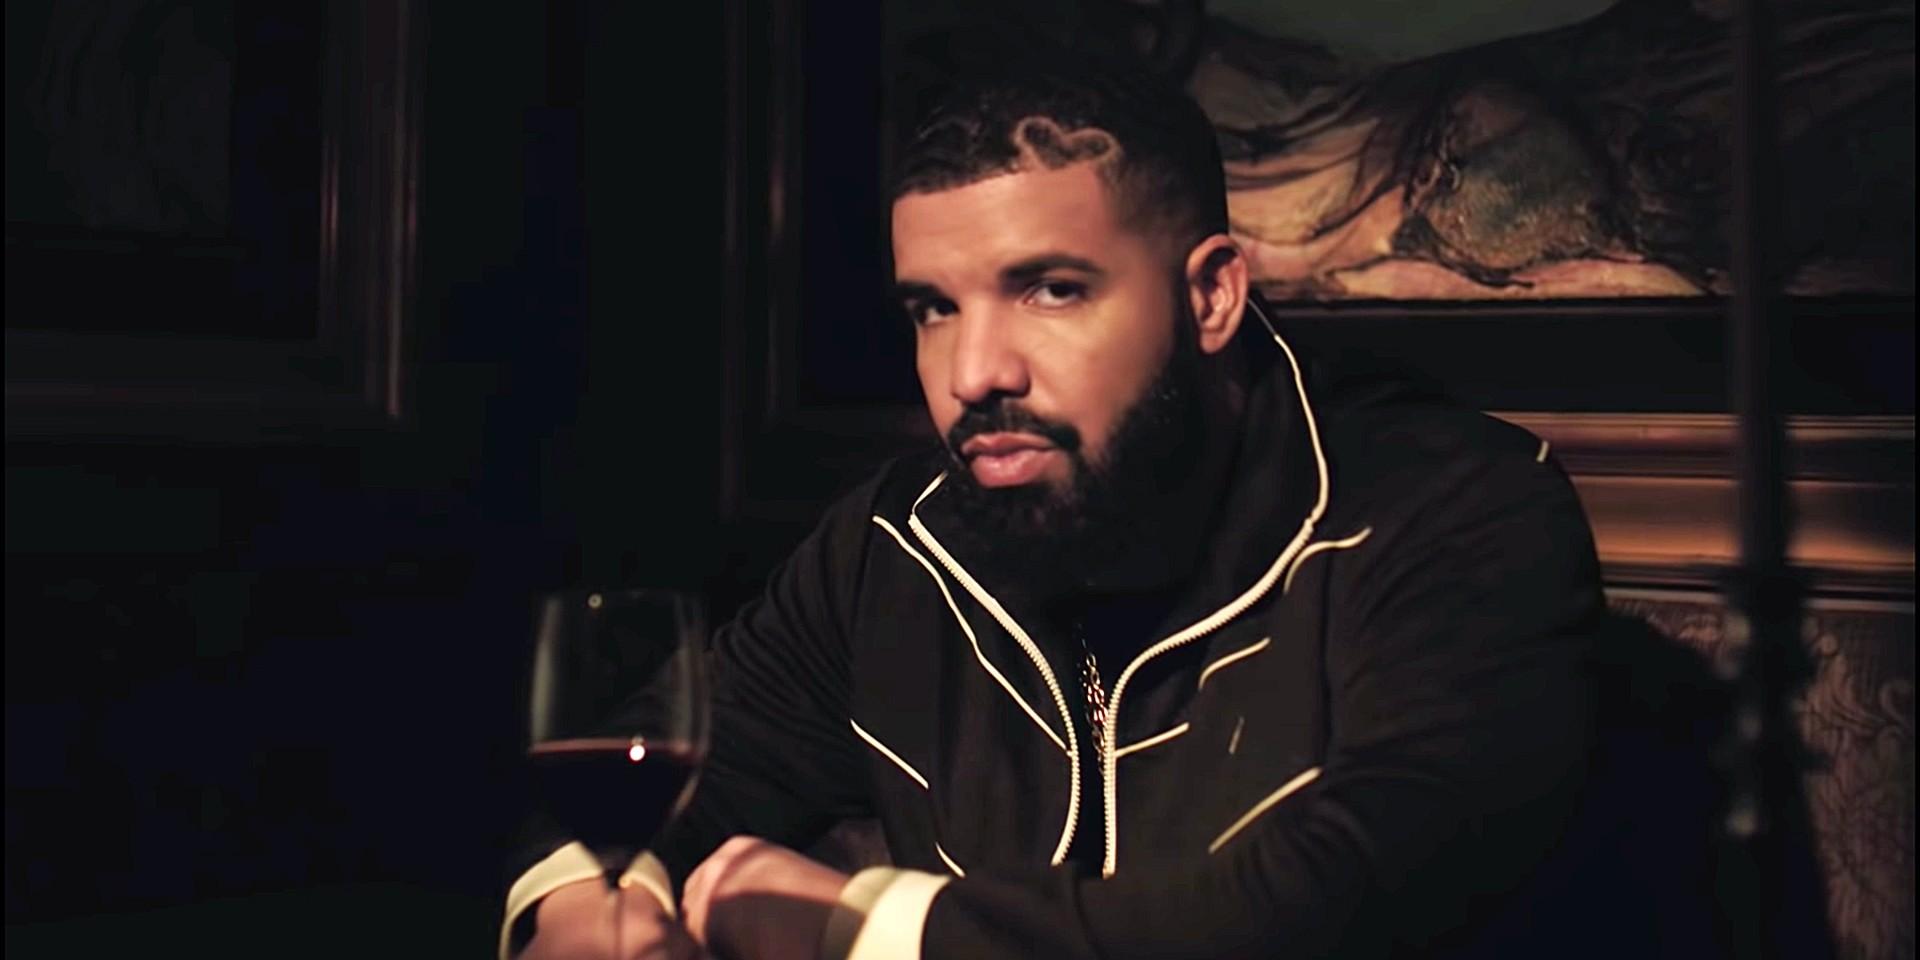 Drake unveils sixth studio album 'Certified Lover Boy' - listen